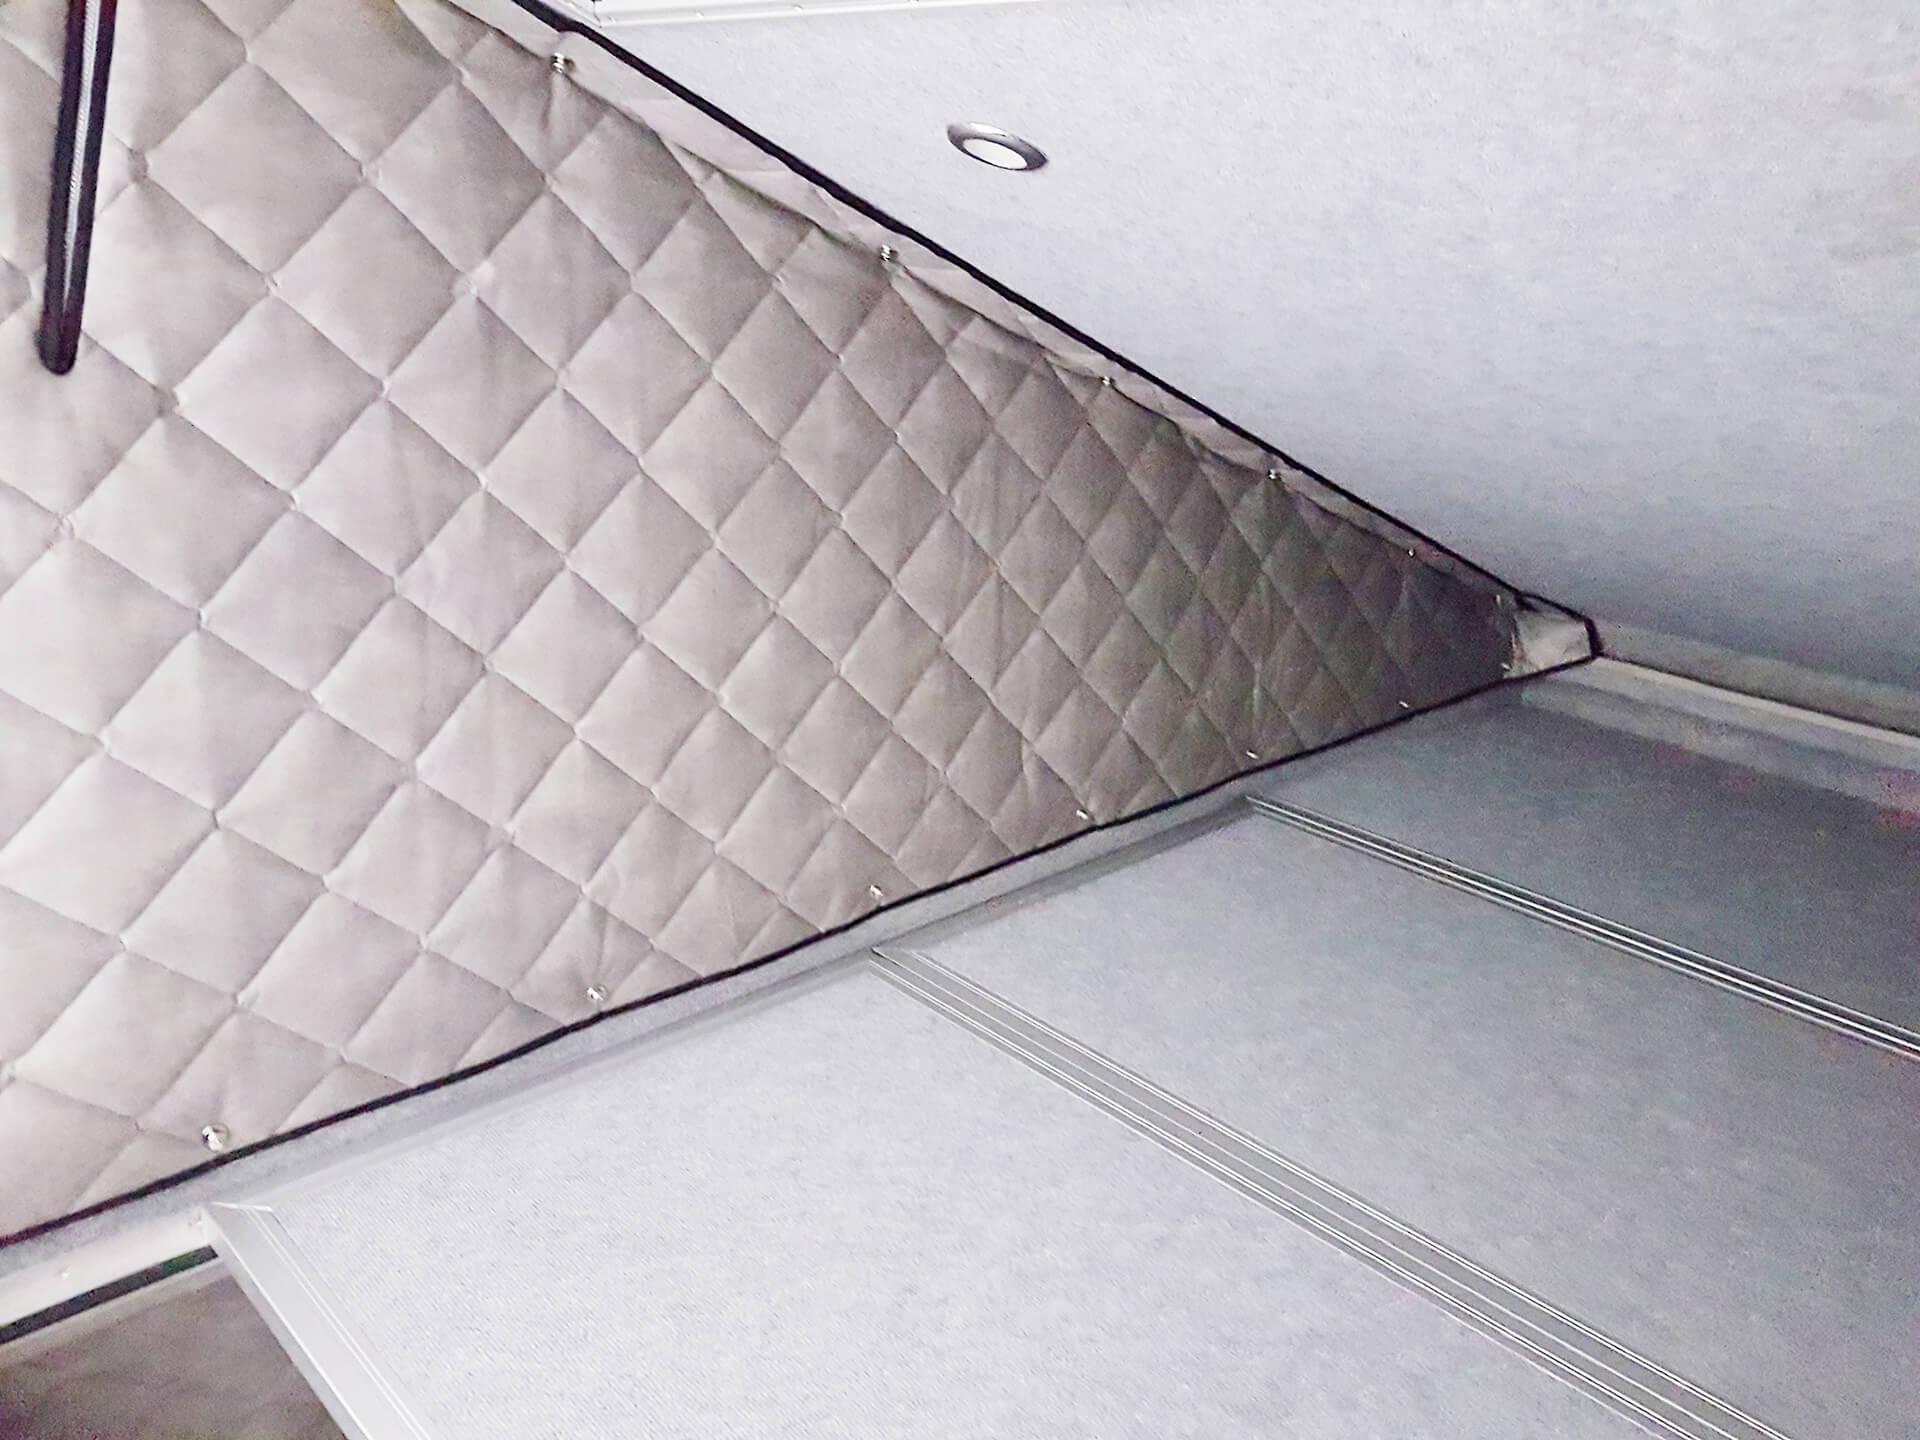 blidimax roof die isolierung f r hubdachzeltw nde matsch piste. Black Bedroom Furniture Sets. Home Design Ideas